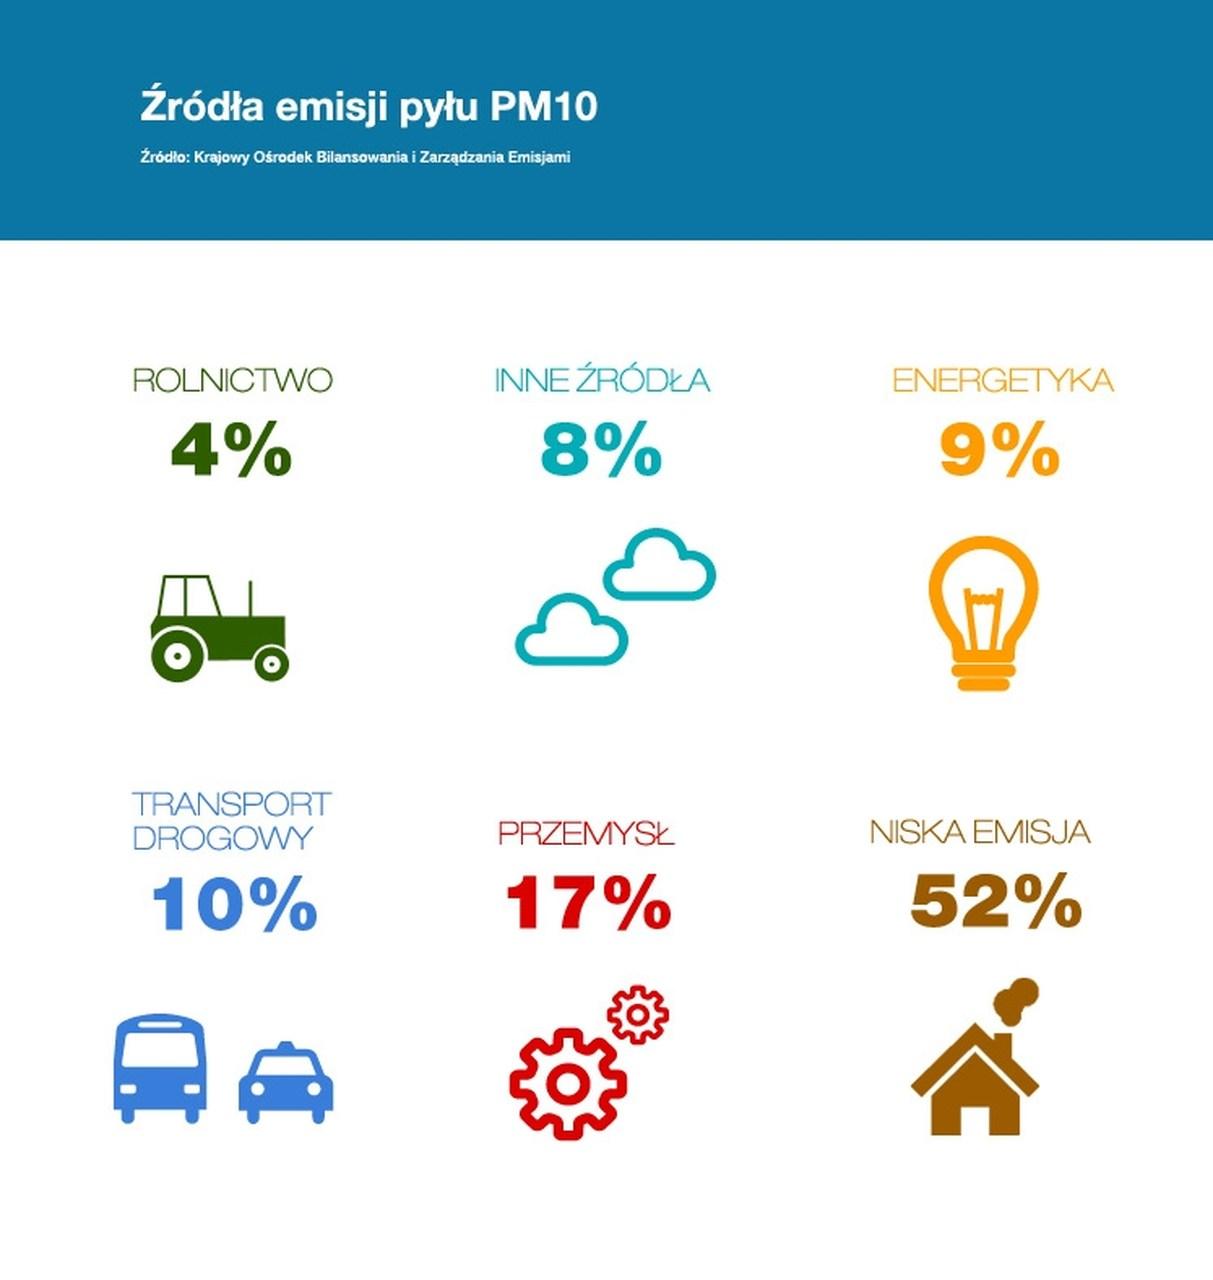 Źródła smogu - emisja pyłów PM10